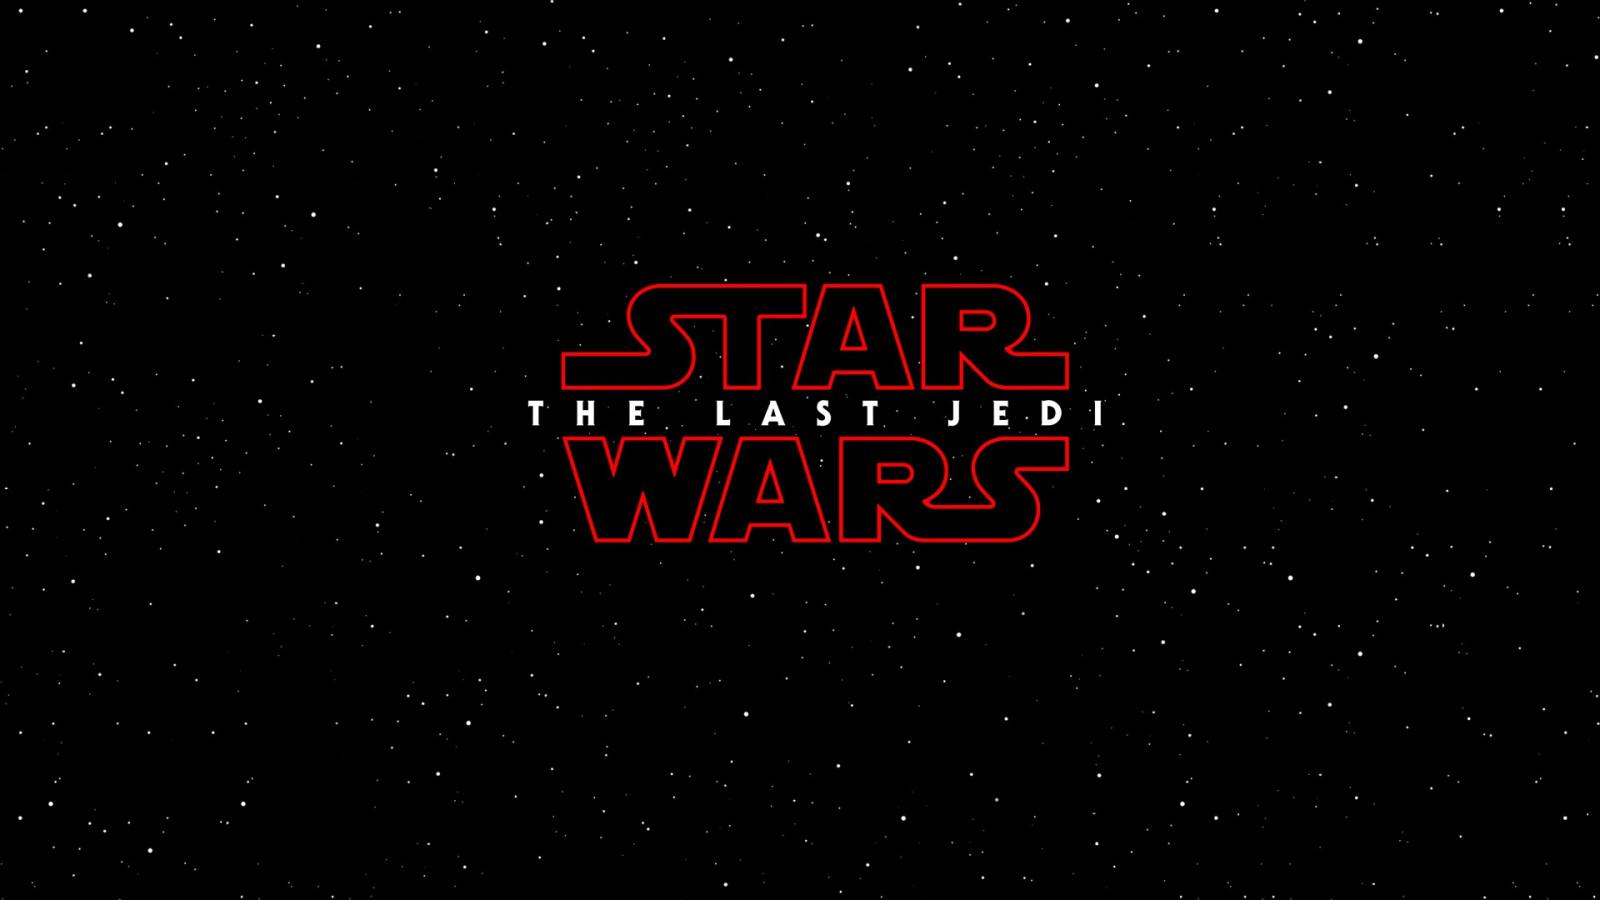 Wallpaper Star Wars Text Star Wars The Last Jedi Astronomy